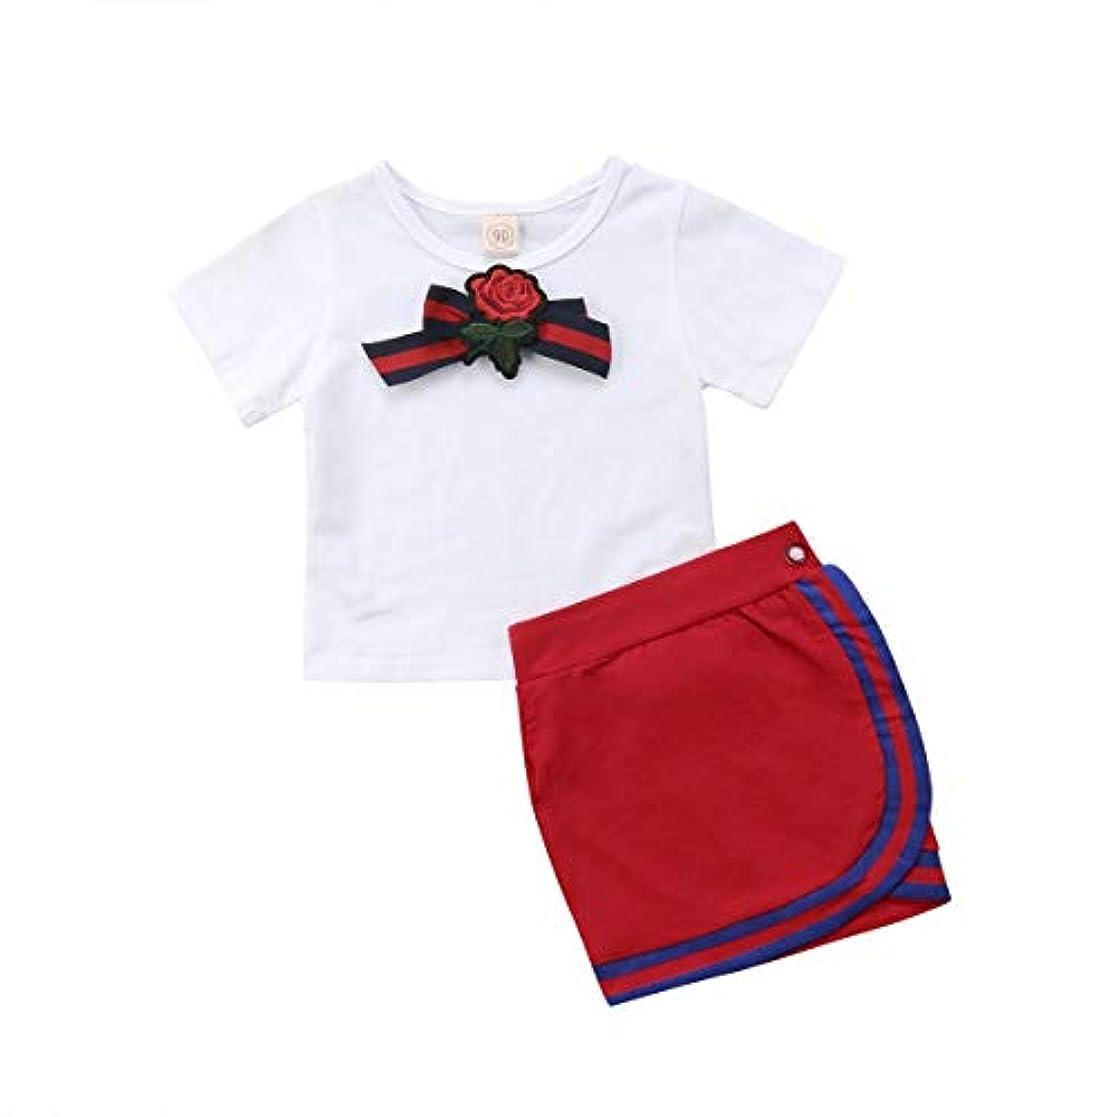 概要ペンダント概要Maxcrestas - 女子制服新生児キッズベビー は蝶の花タイのTシャツショートミニスカートパーティーウェディングチュチュドレストップス設定します。